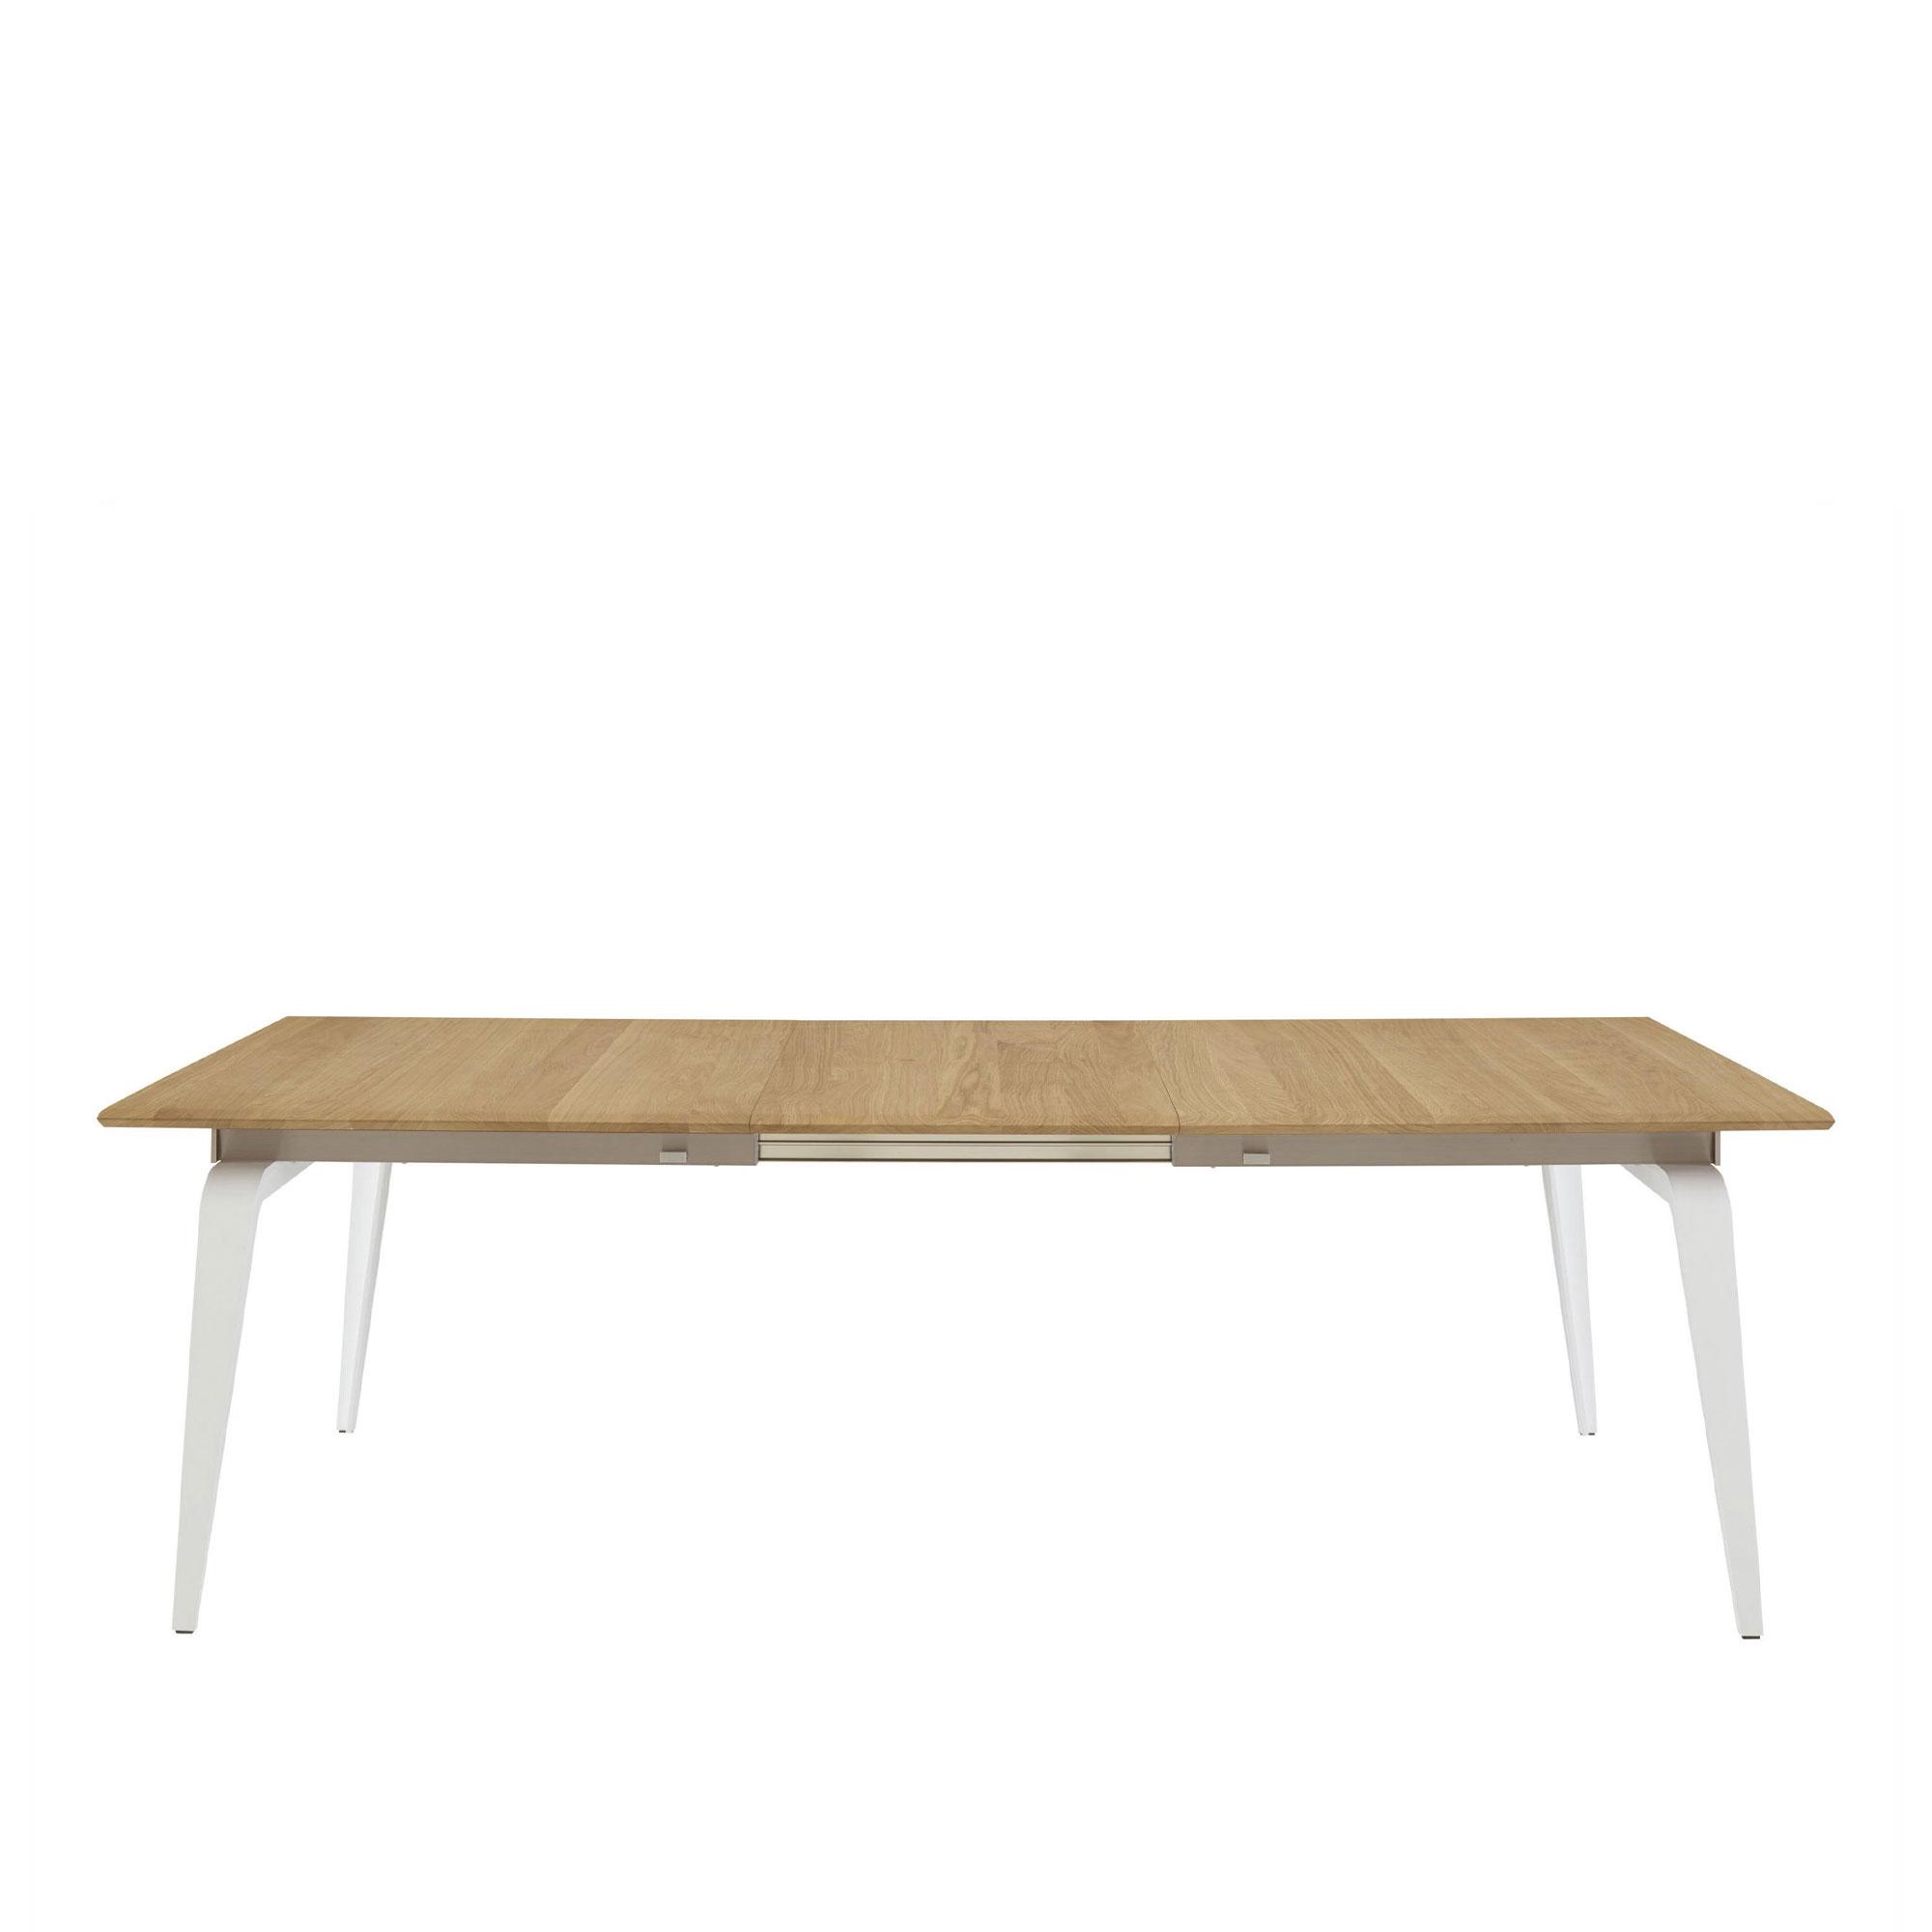 ab43d8d25cc1 Köp Odessa Dining Extension Table från Ligne Roset | Nordiska Galleriet